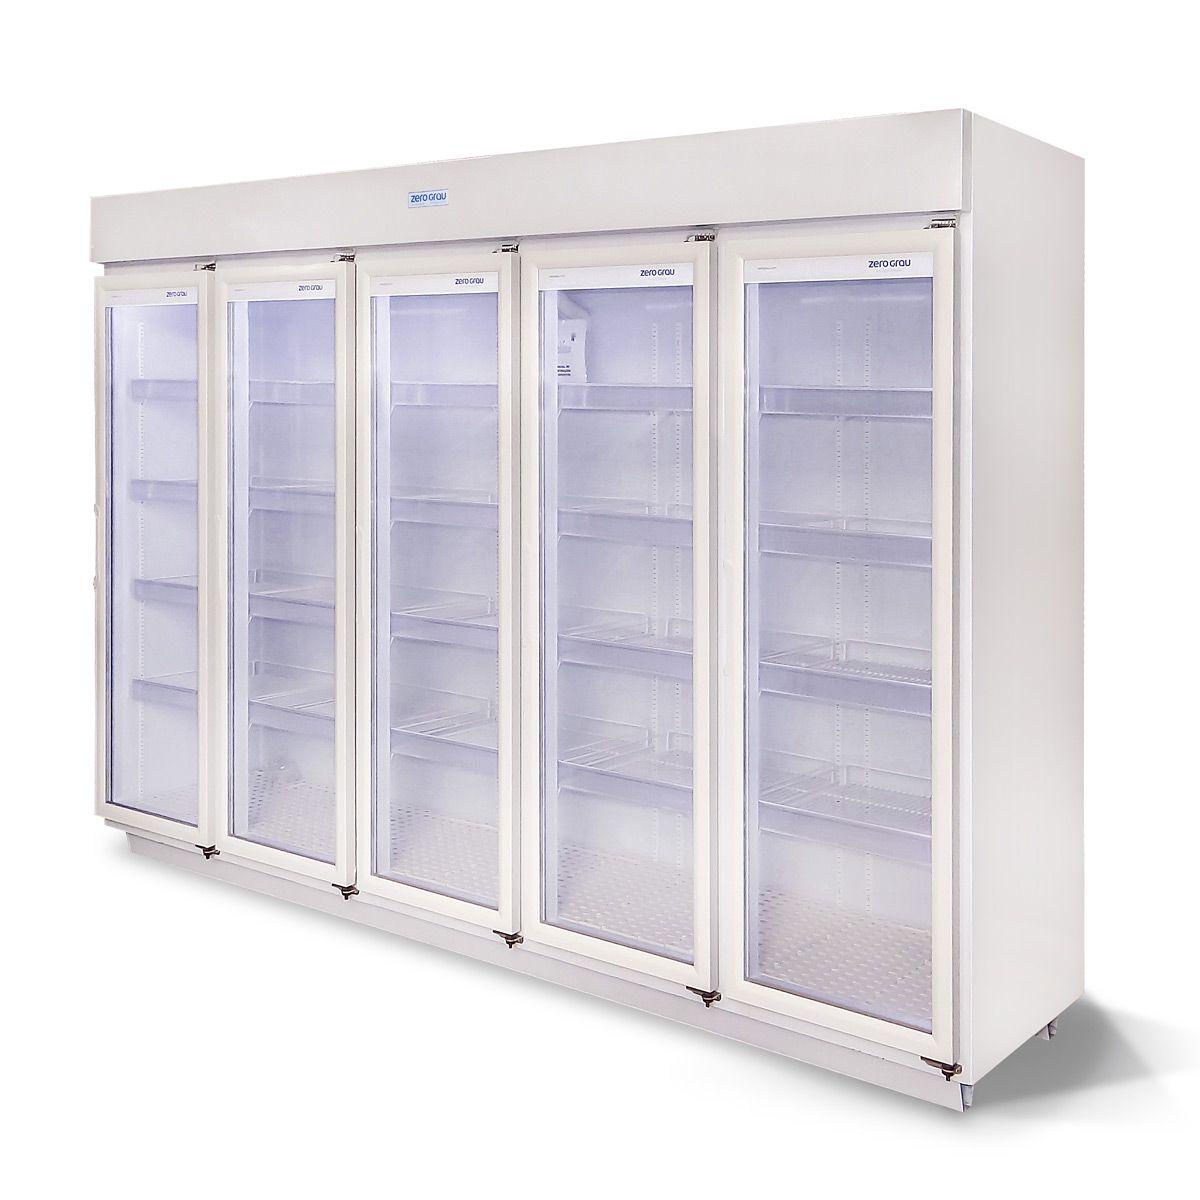 Expositor 2700 Litros 5 Portas para Resfriados Até -7 Graus  - Zero Grau Store